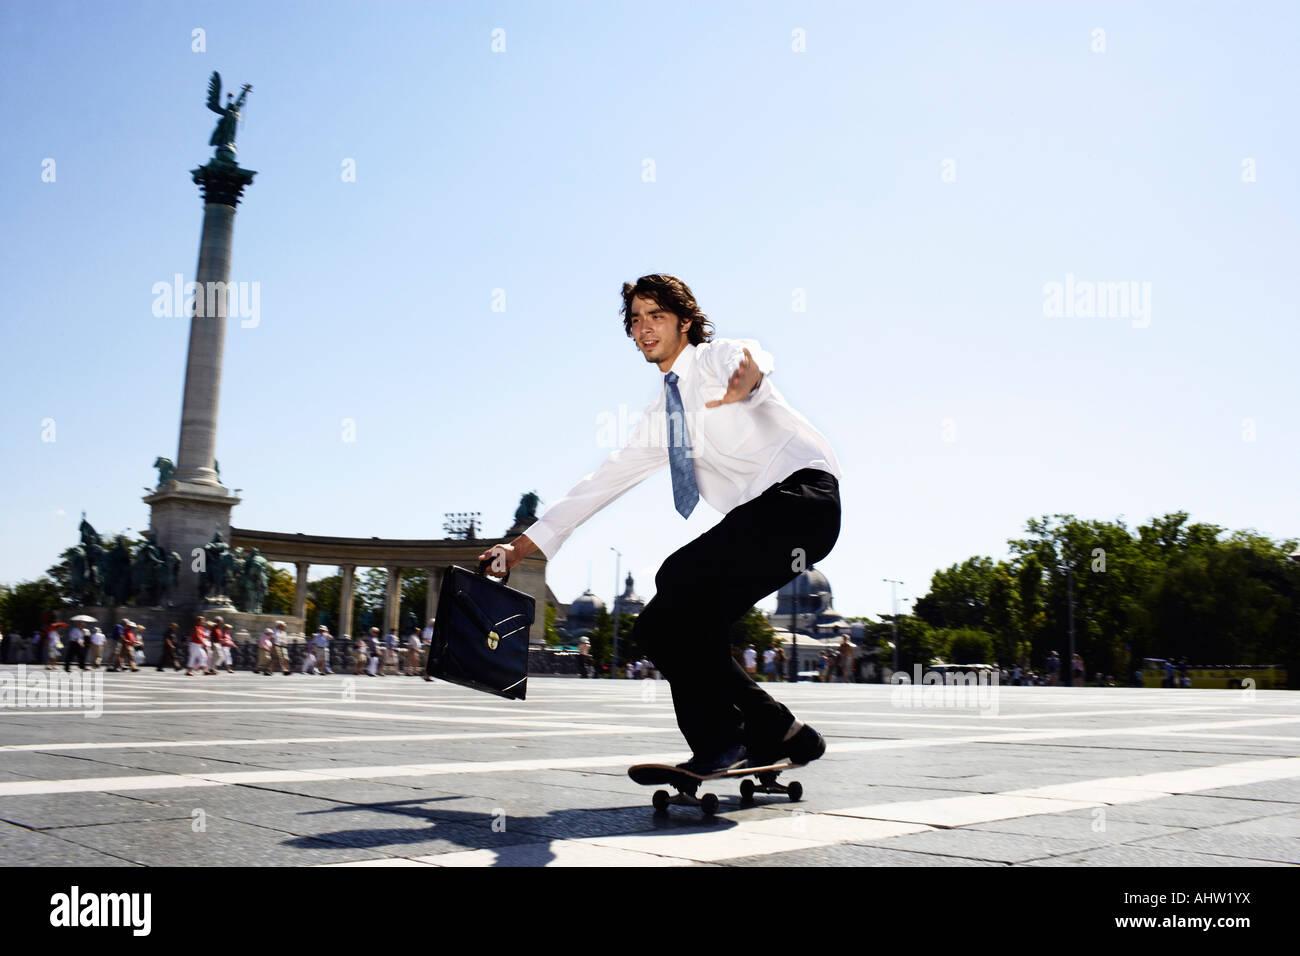 Businessman on skateboard in Hero Square. - Stock Image